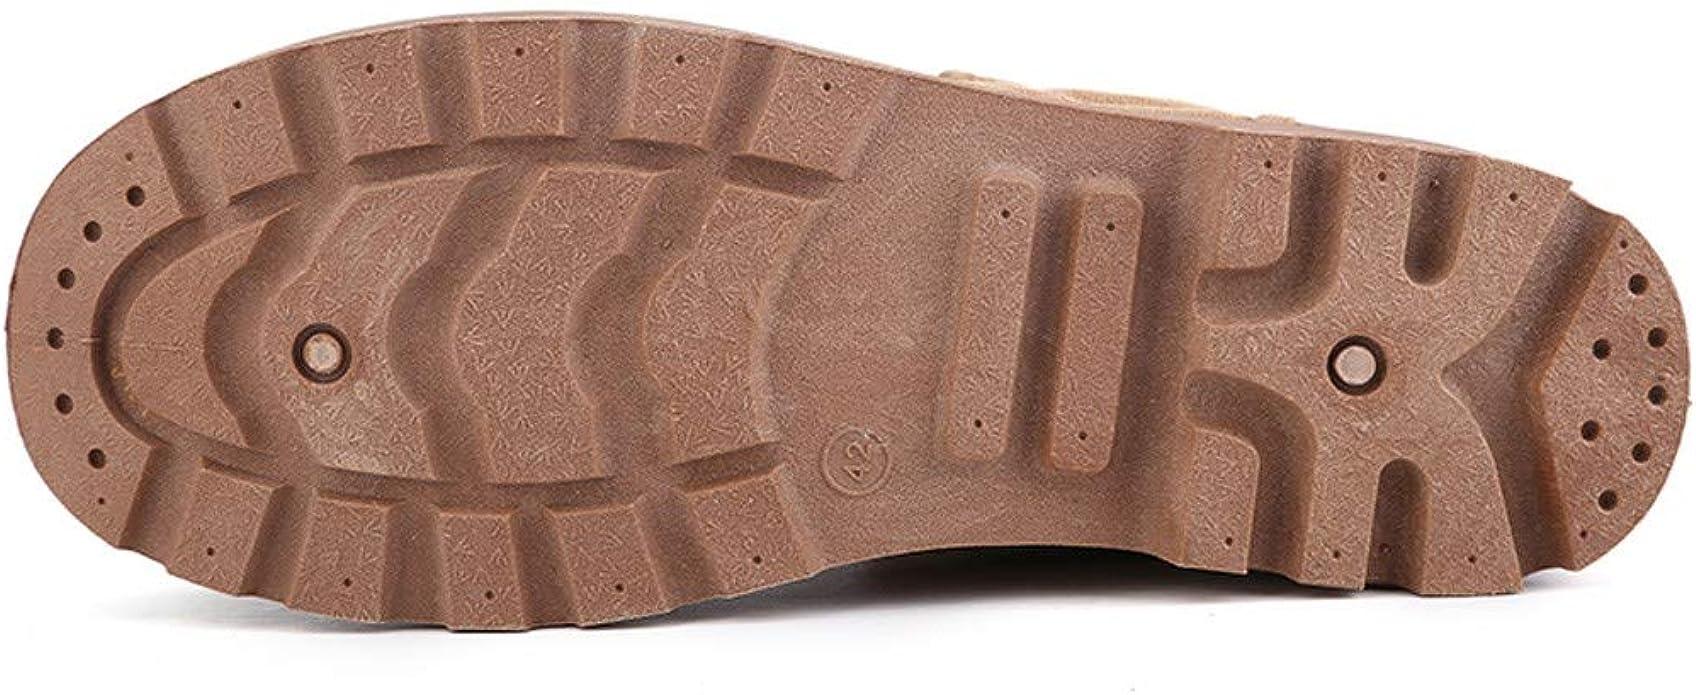 FiveFeedback Scarpe di Tela da Uomo Mocassini Scarpe da Passeggio per Esterni Pelle Pelle Fodera Maglia Camminare Escursionismo Neve Lavorare a Cavallo Sci da Caccia Arrampicata Avventura